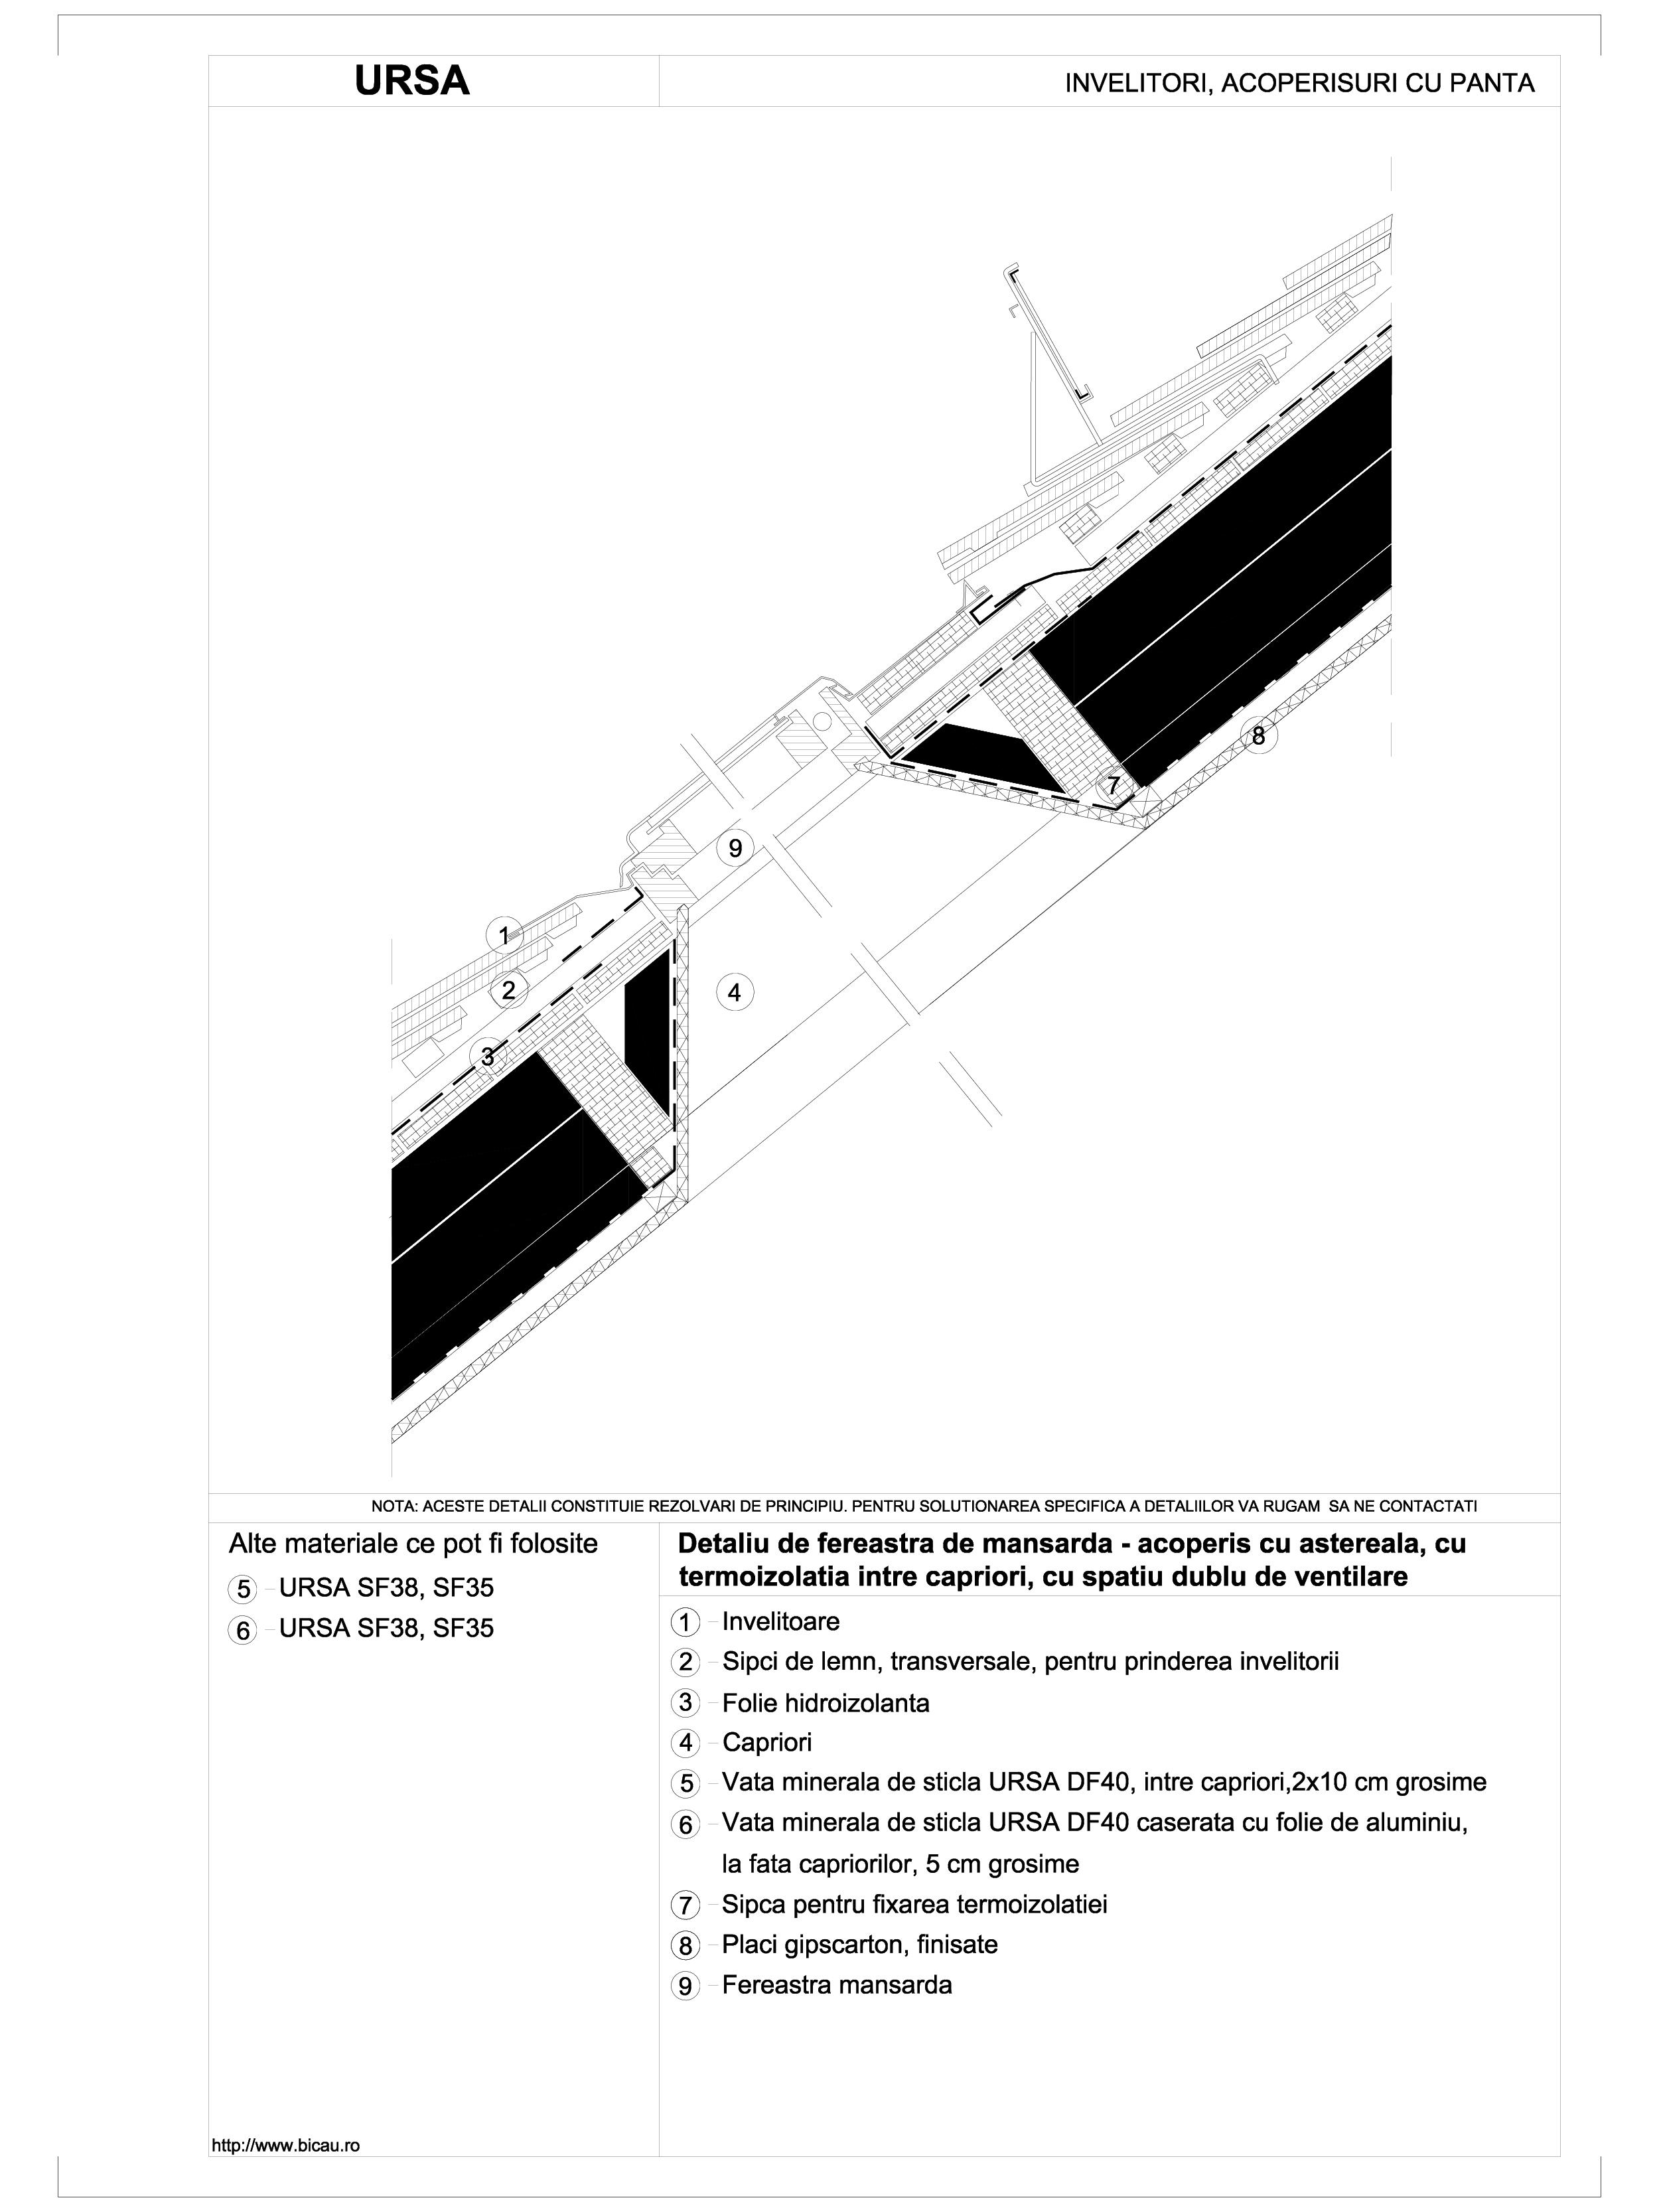 Detaliu de fereastra de mansarda - acoperis cu astereala, cu termoizolatia intre capriori, cu spatiu dublu de ventilare SF 38 URSA Vata minerala pentru acoperisuri si mansarde URSA ROMANIA   - Pagina 1